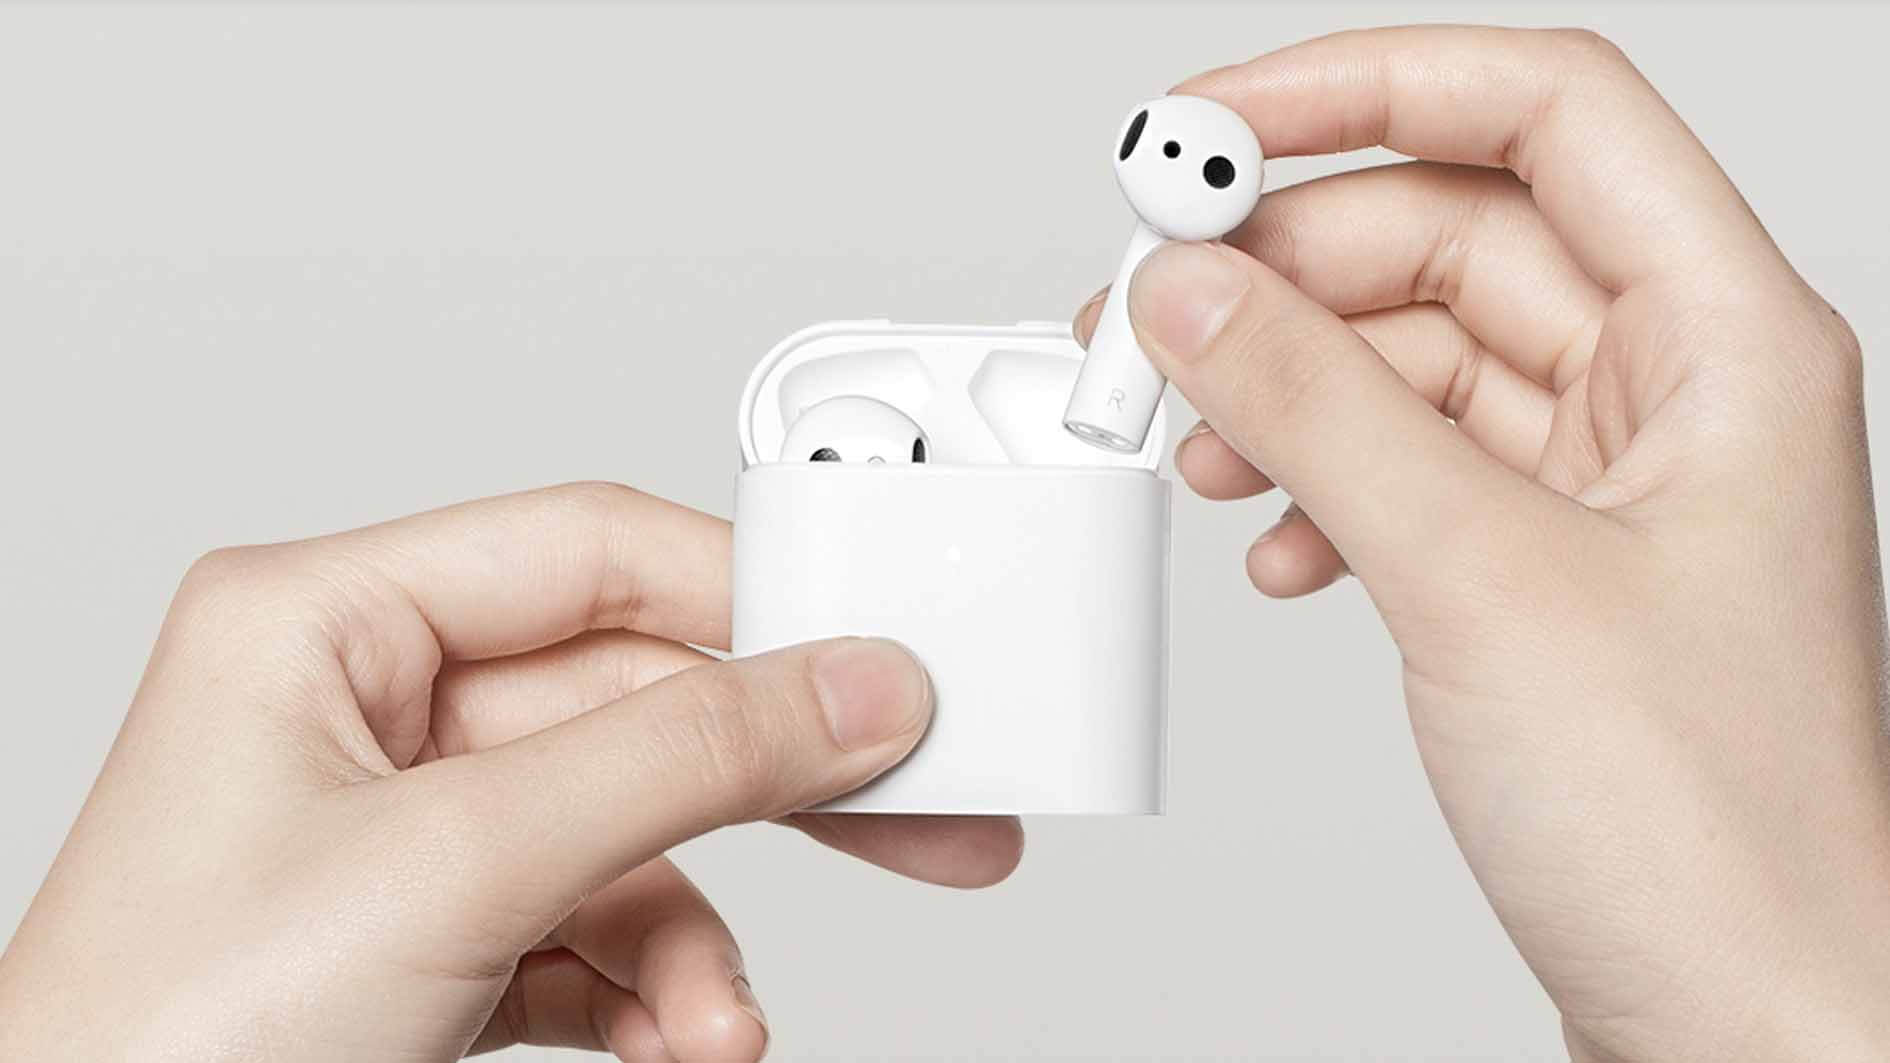 Lançamento Mi Air 2S: tudo sobre os novos fones de ouvido TWS da Xiaomi